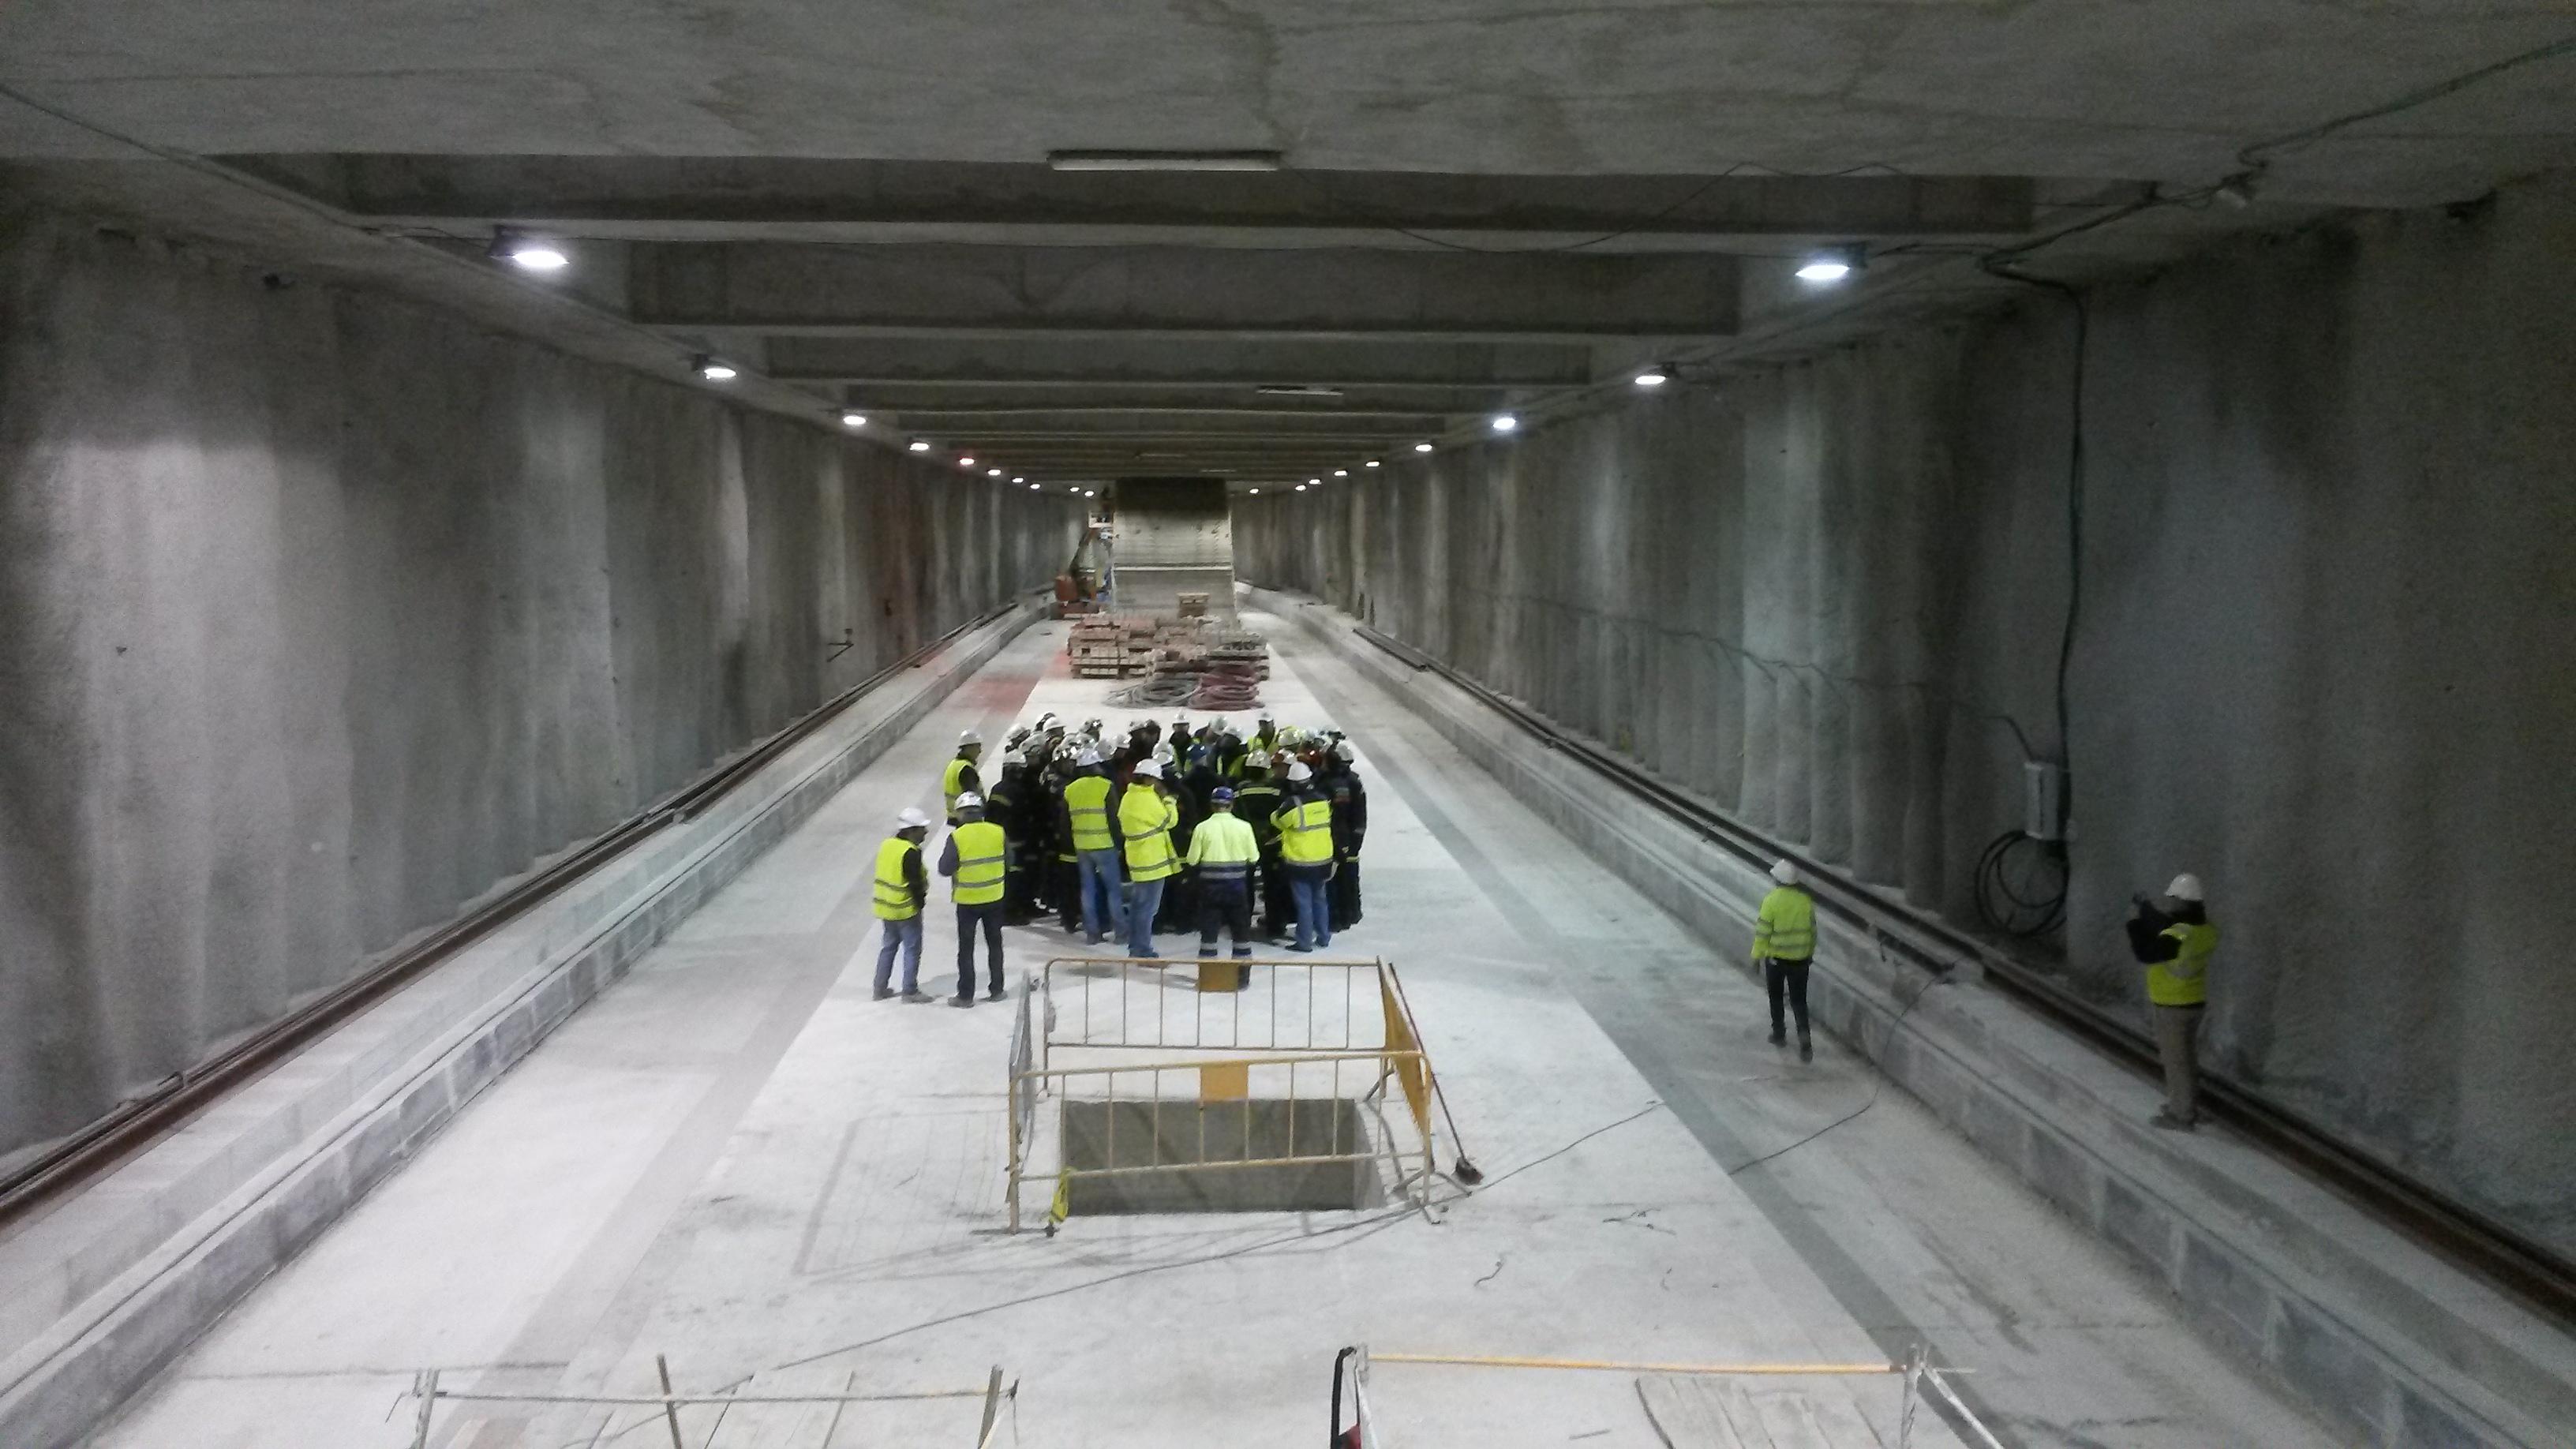 Las primeras sesiones se han impartido hoy en los túneles bajo el eje de Camino de Ronda-Avenida de América